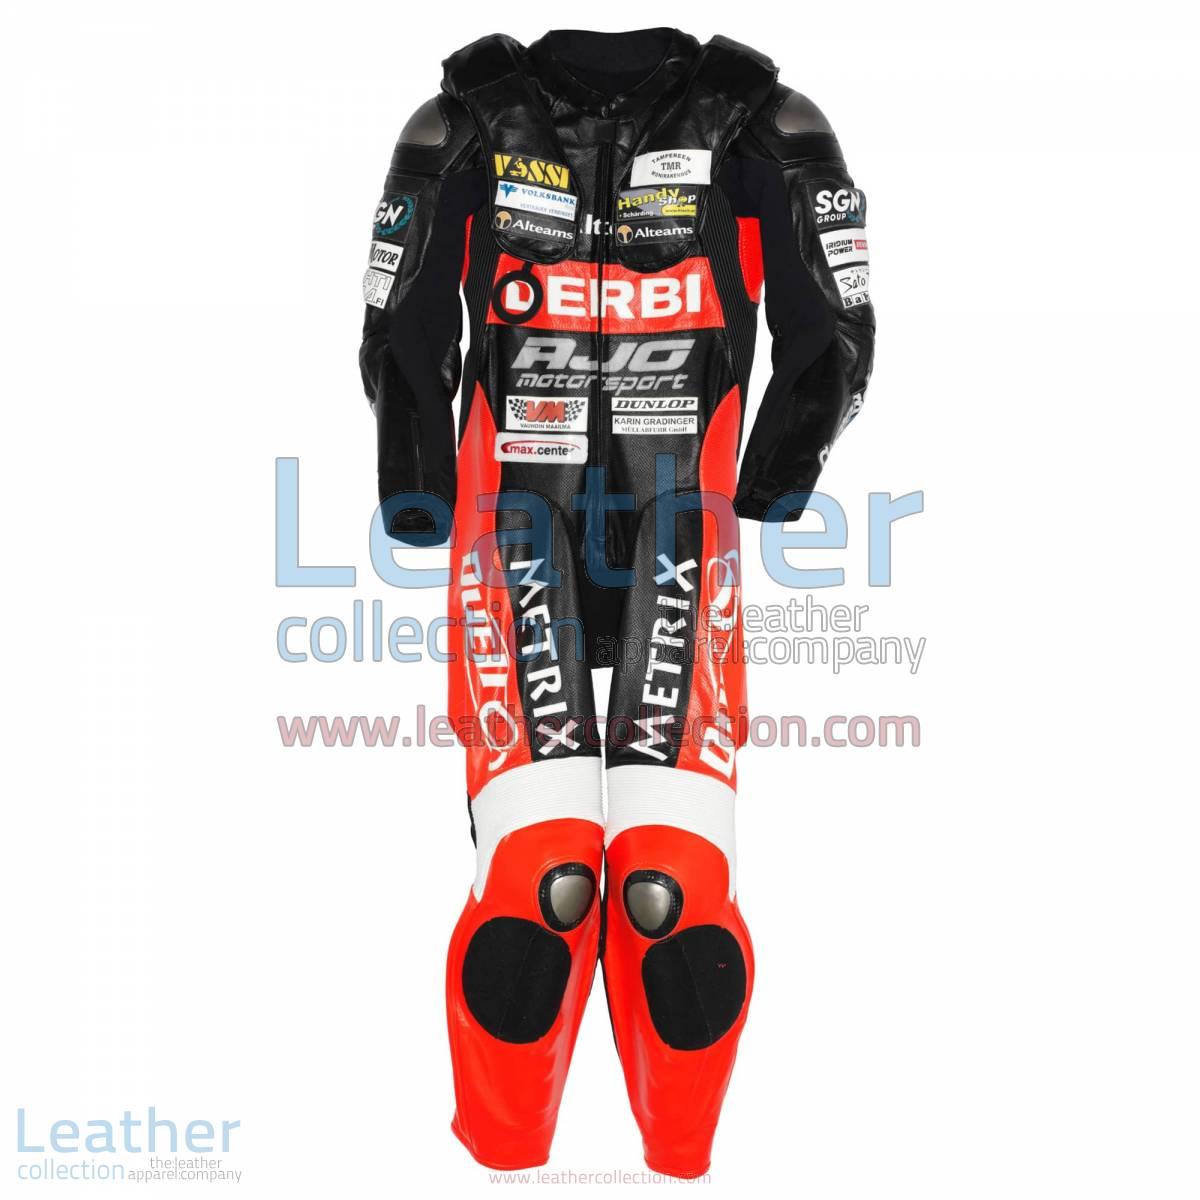 Michi Ranseder Debri GP 2007 Motorbike Suit | motorcycle suit